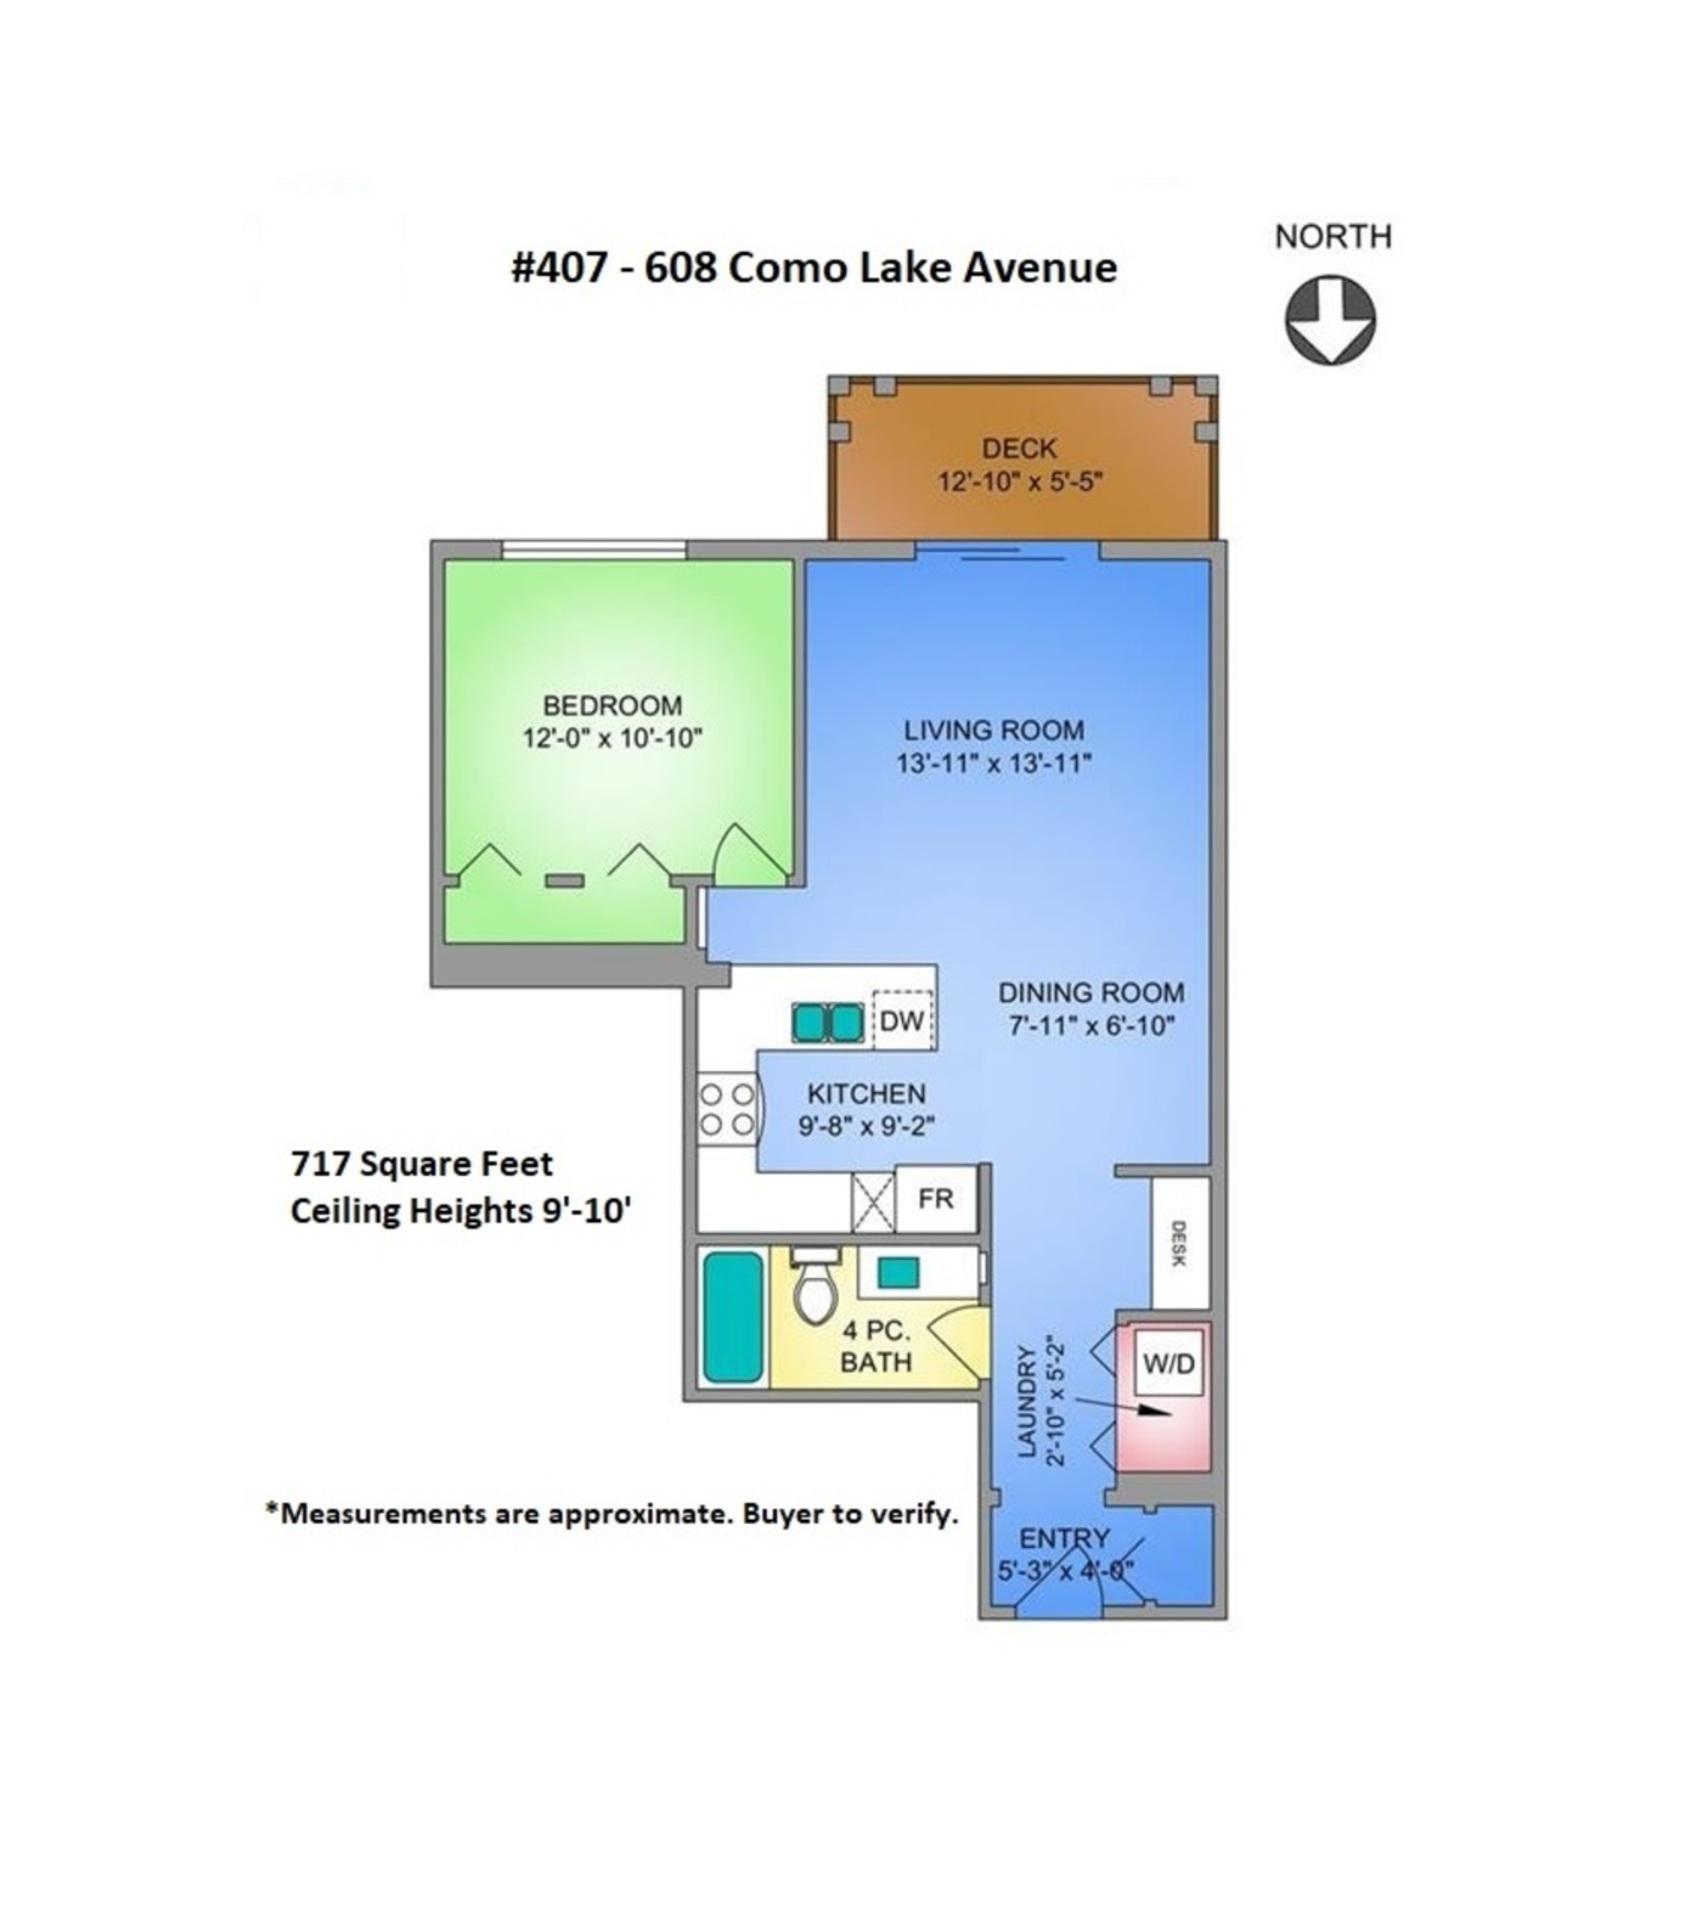 608-como-lake-avenue-coquitlam-west-coquitlam-22 at 407 - 608 Como Lake Avenue, Coquitlam West, Coquitlam